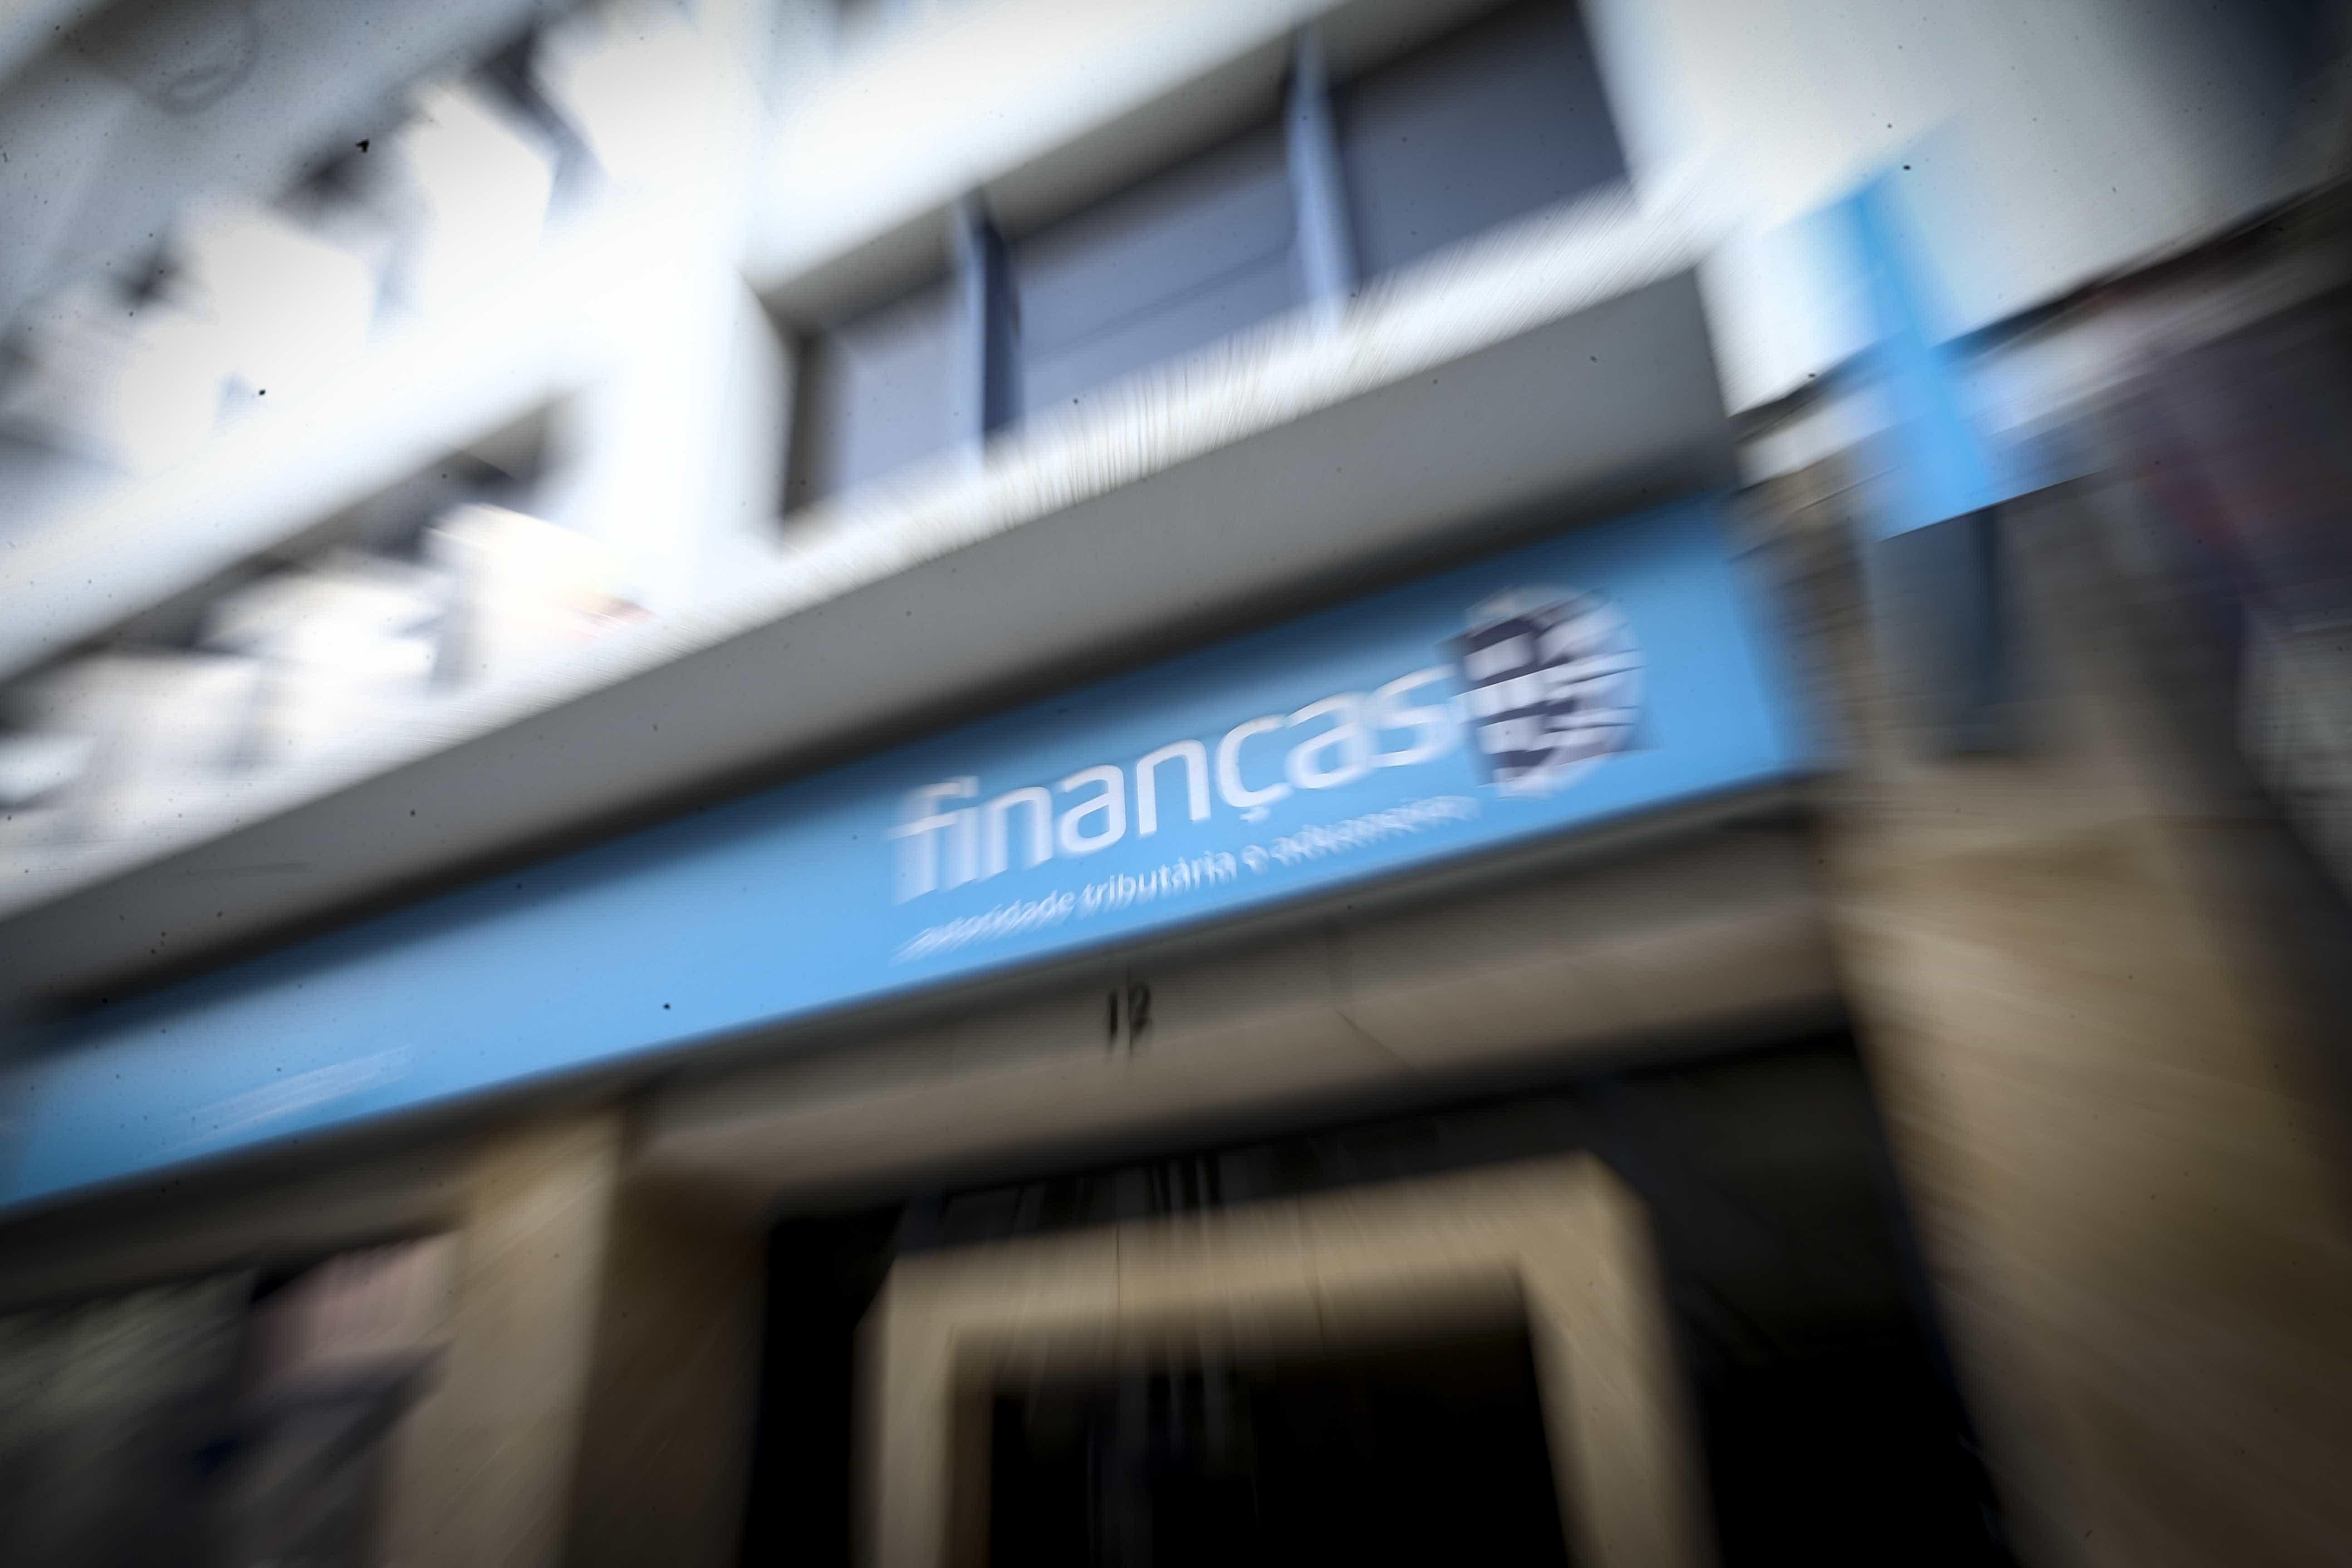 Fisco avisa contribuintes de que podem reclamar até ao dia 31 de março